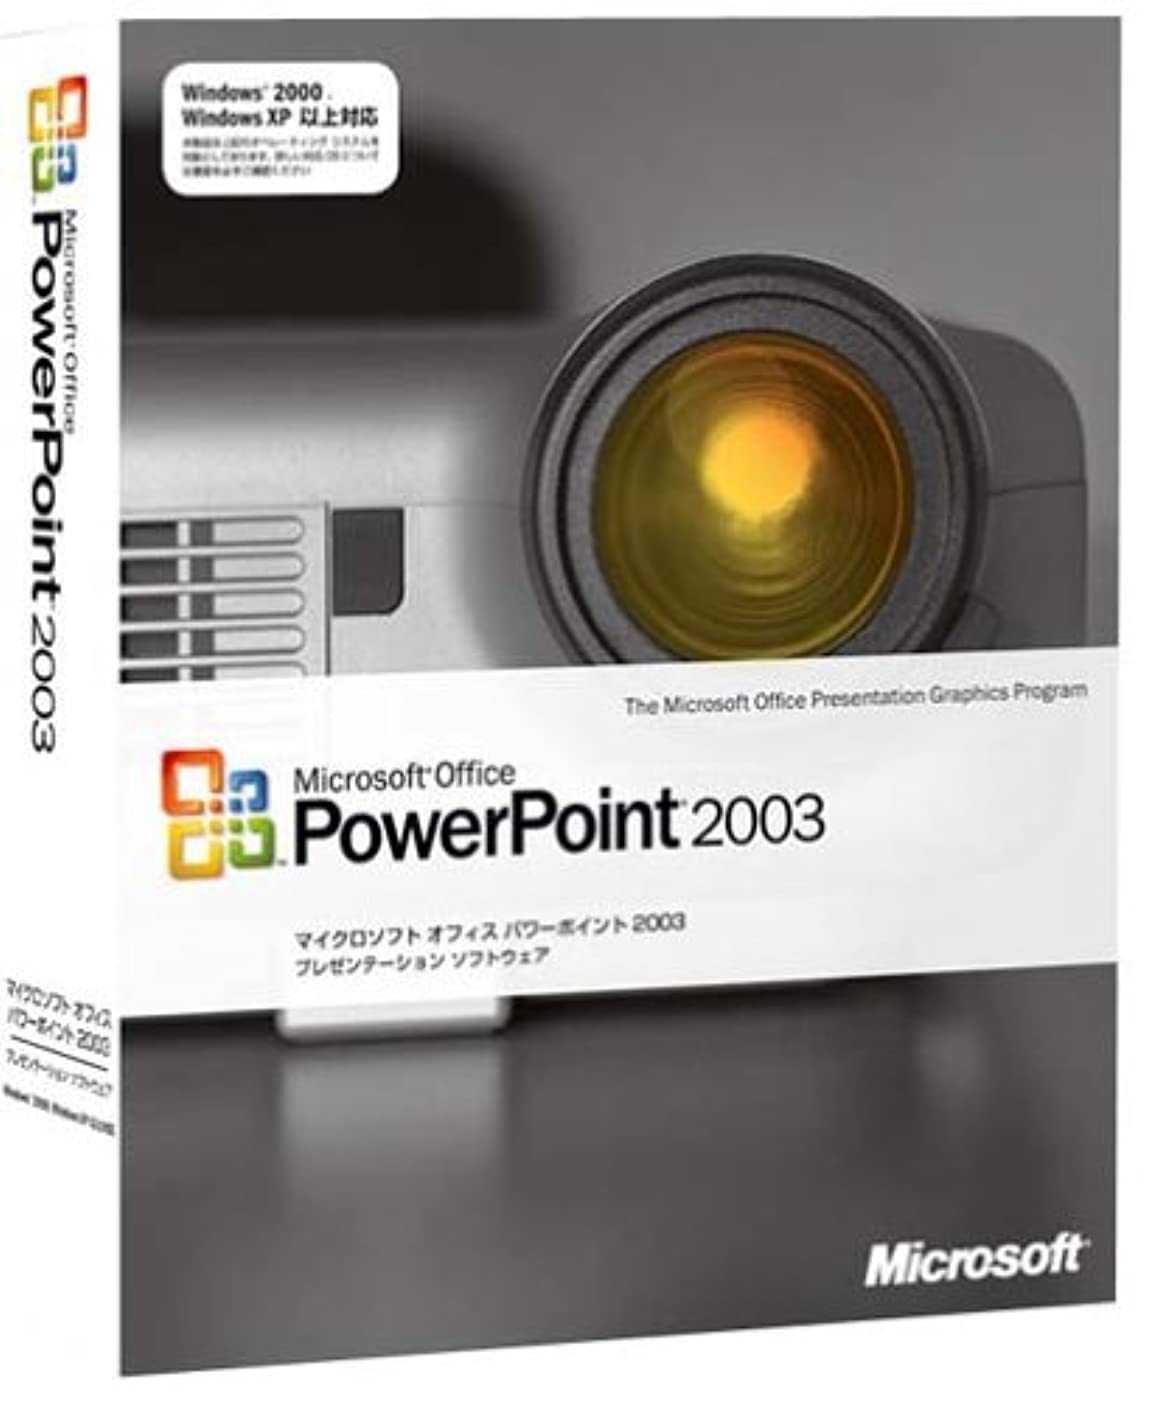 【旧商品/サポート終了】Microsoft Office PowerPoint 2003